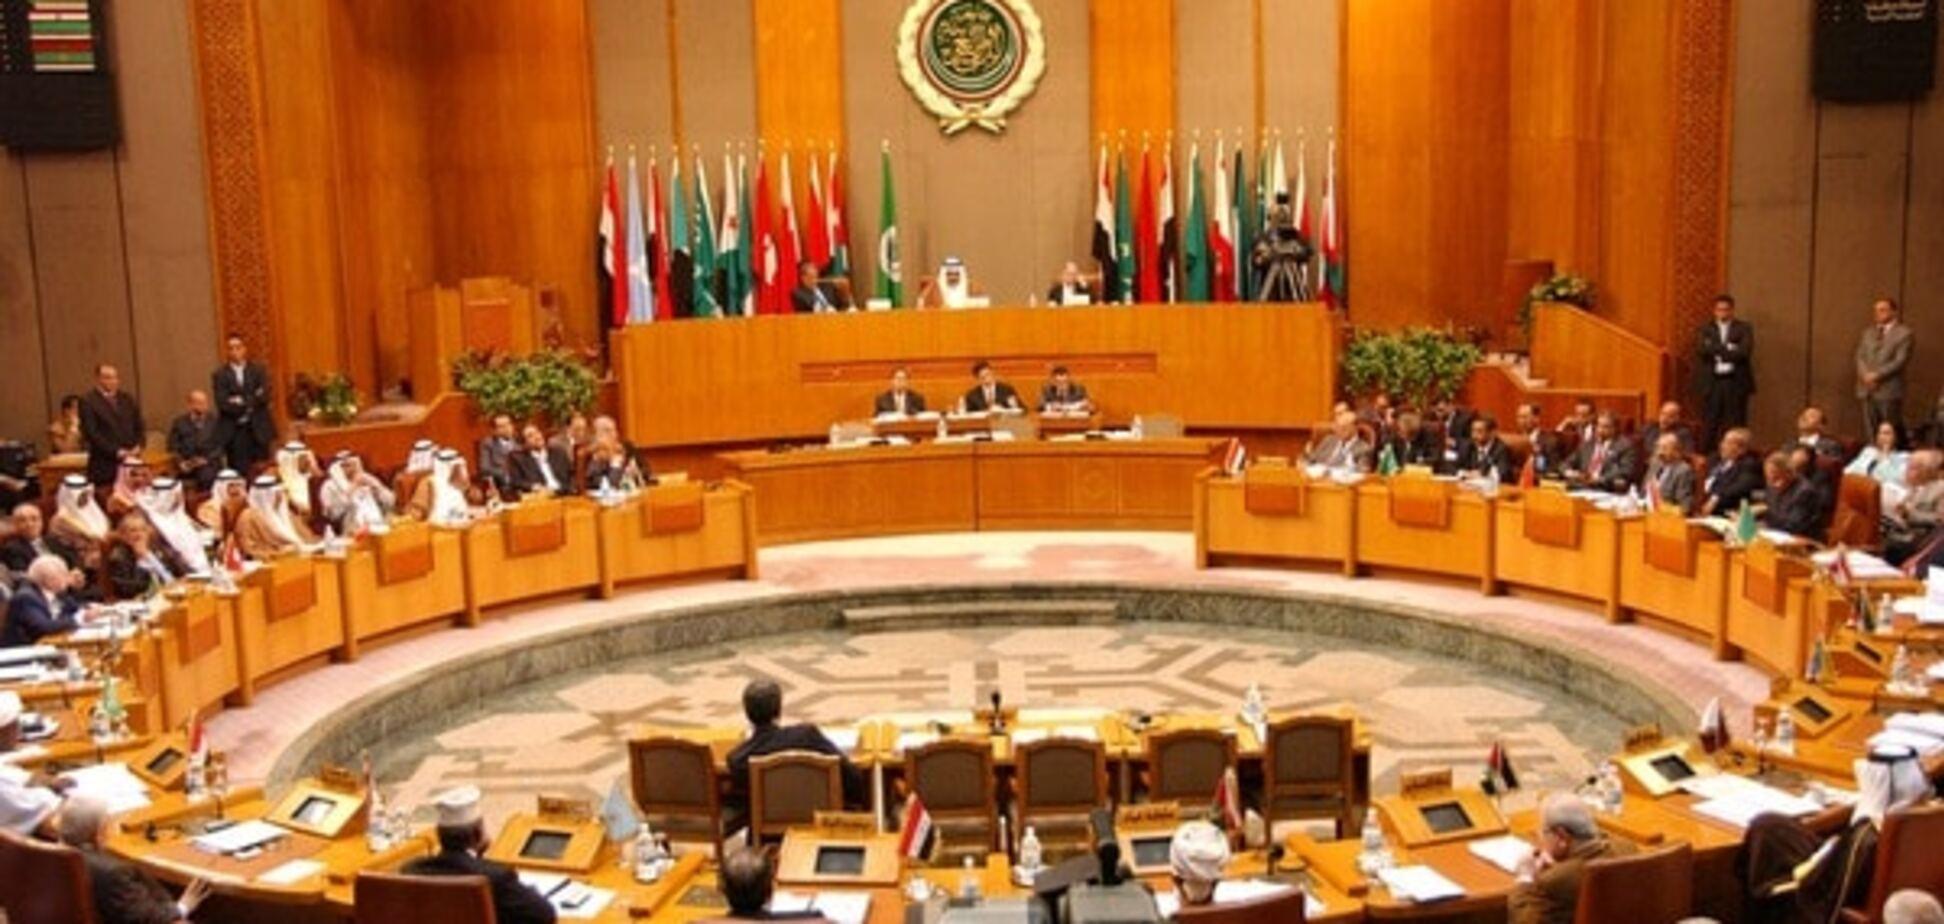 Ліга арабських держав скликала засідання через конфлікт між Саудівською Аравією та Іраном